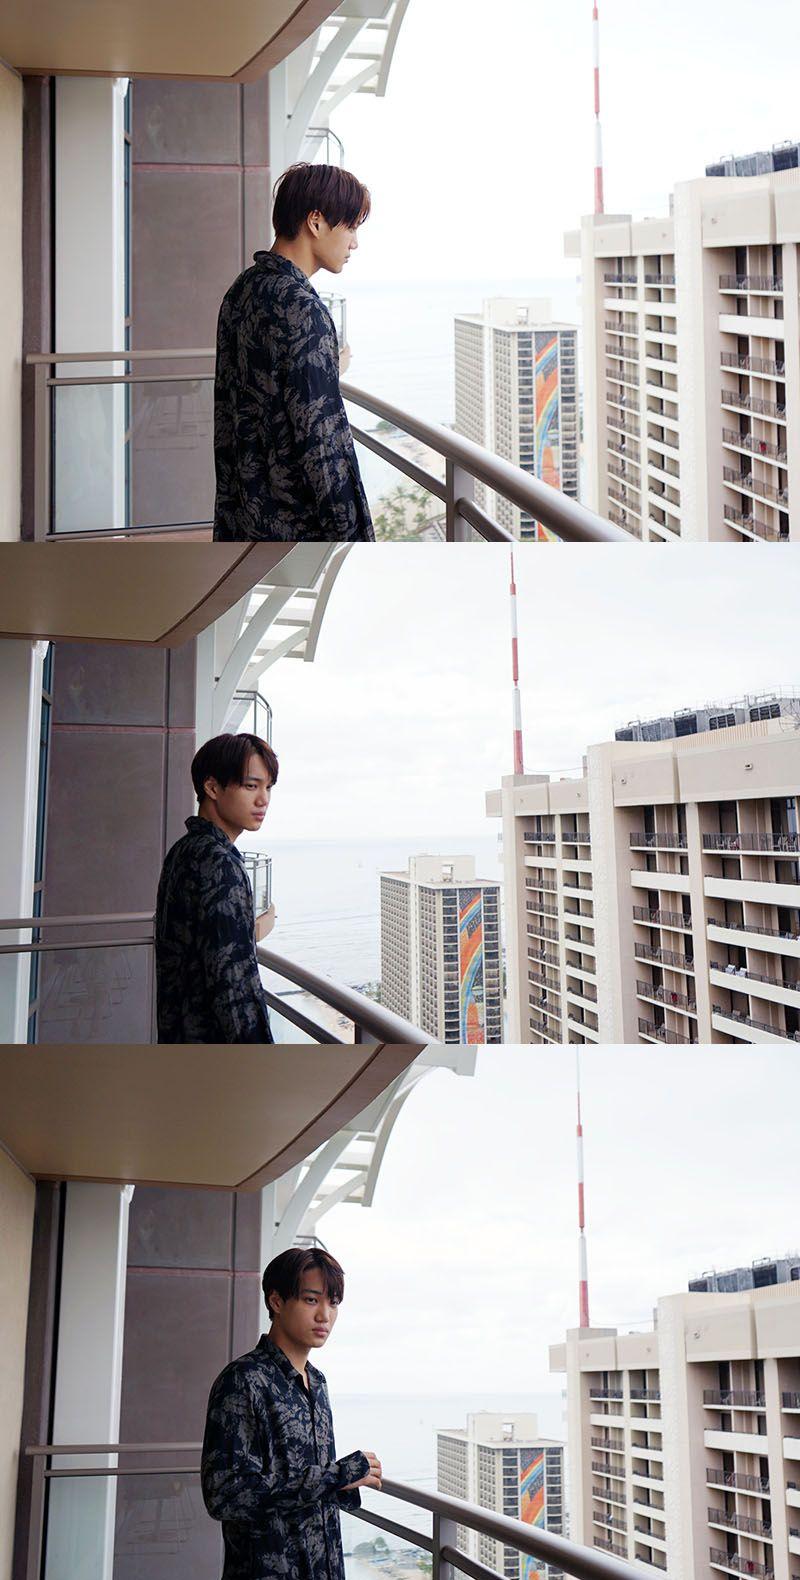 Pin oleh 디더 di EXO Pacar pria, Suami, Selebritas